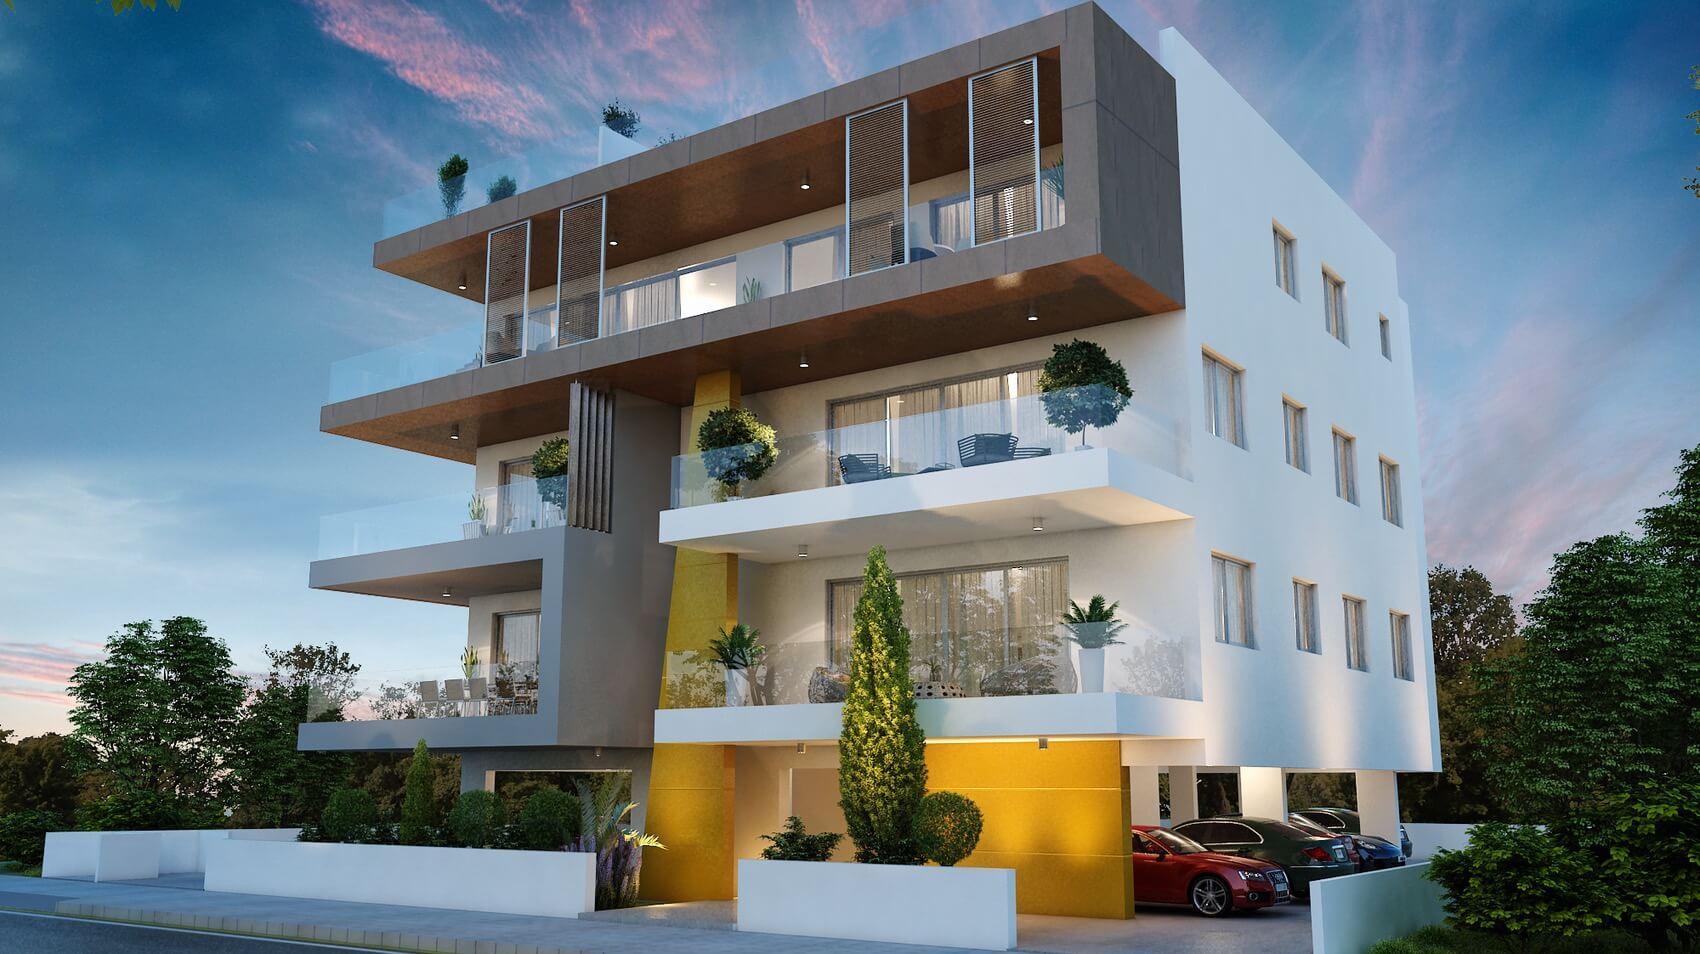 Οροφοδιαμέρισμα προς πώληση Δασούπολη -  Πολυκατοικία Σοφία